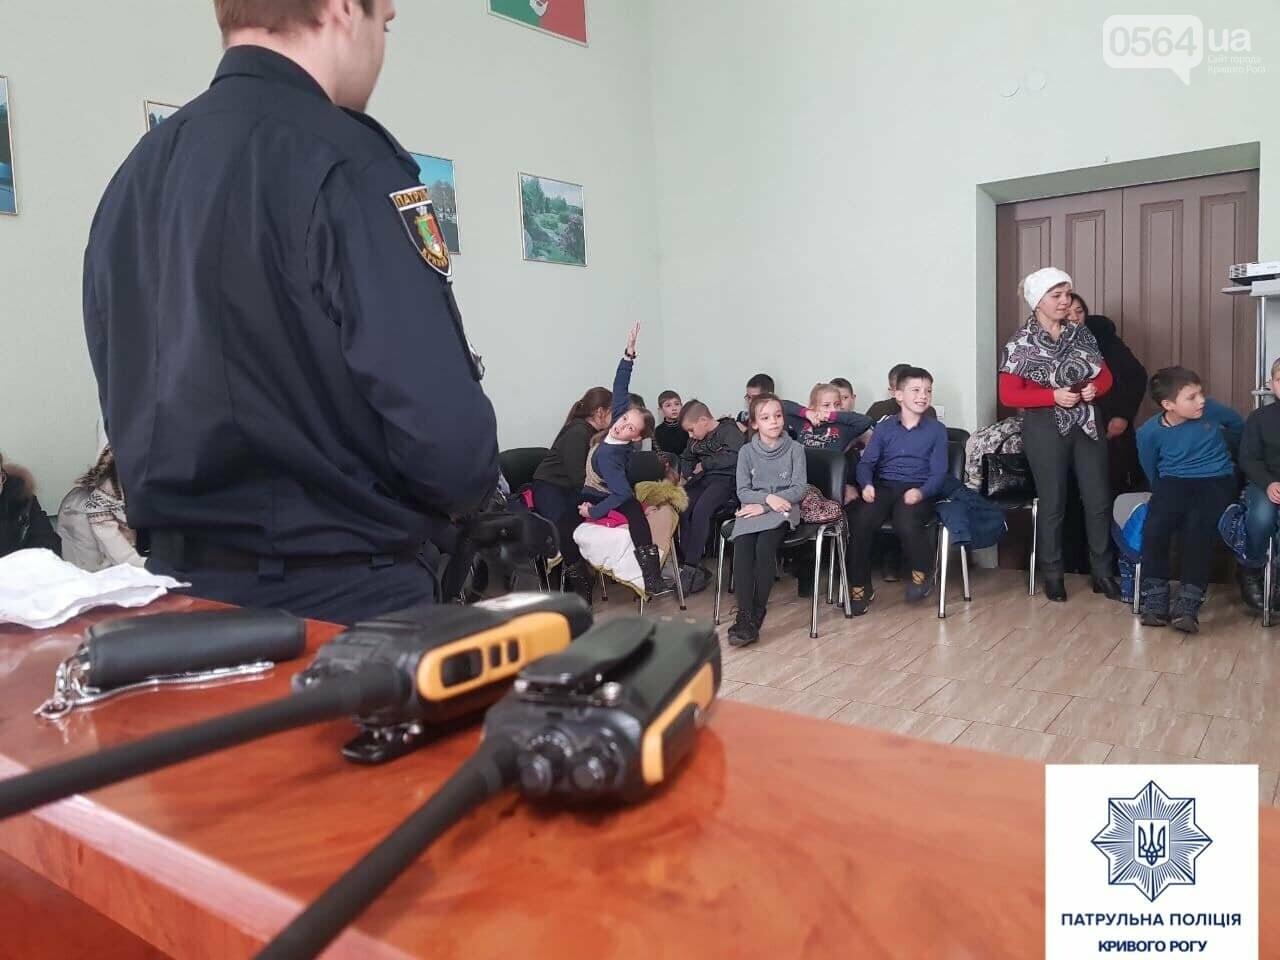 Патрульные учили маленьких криворожан противостоять насилию, - ФОТО , фото-8